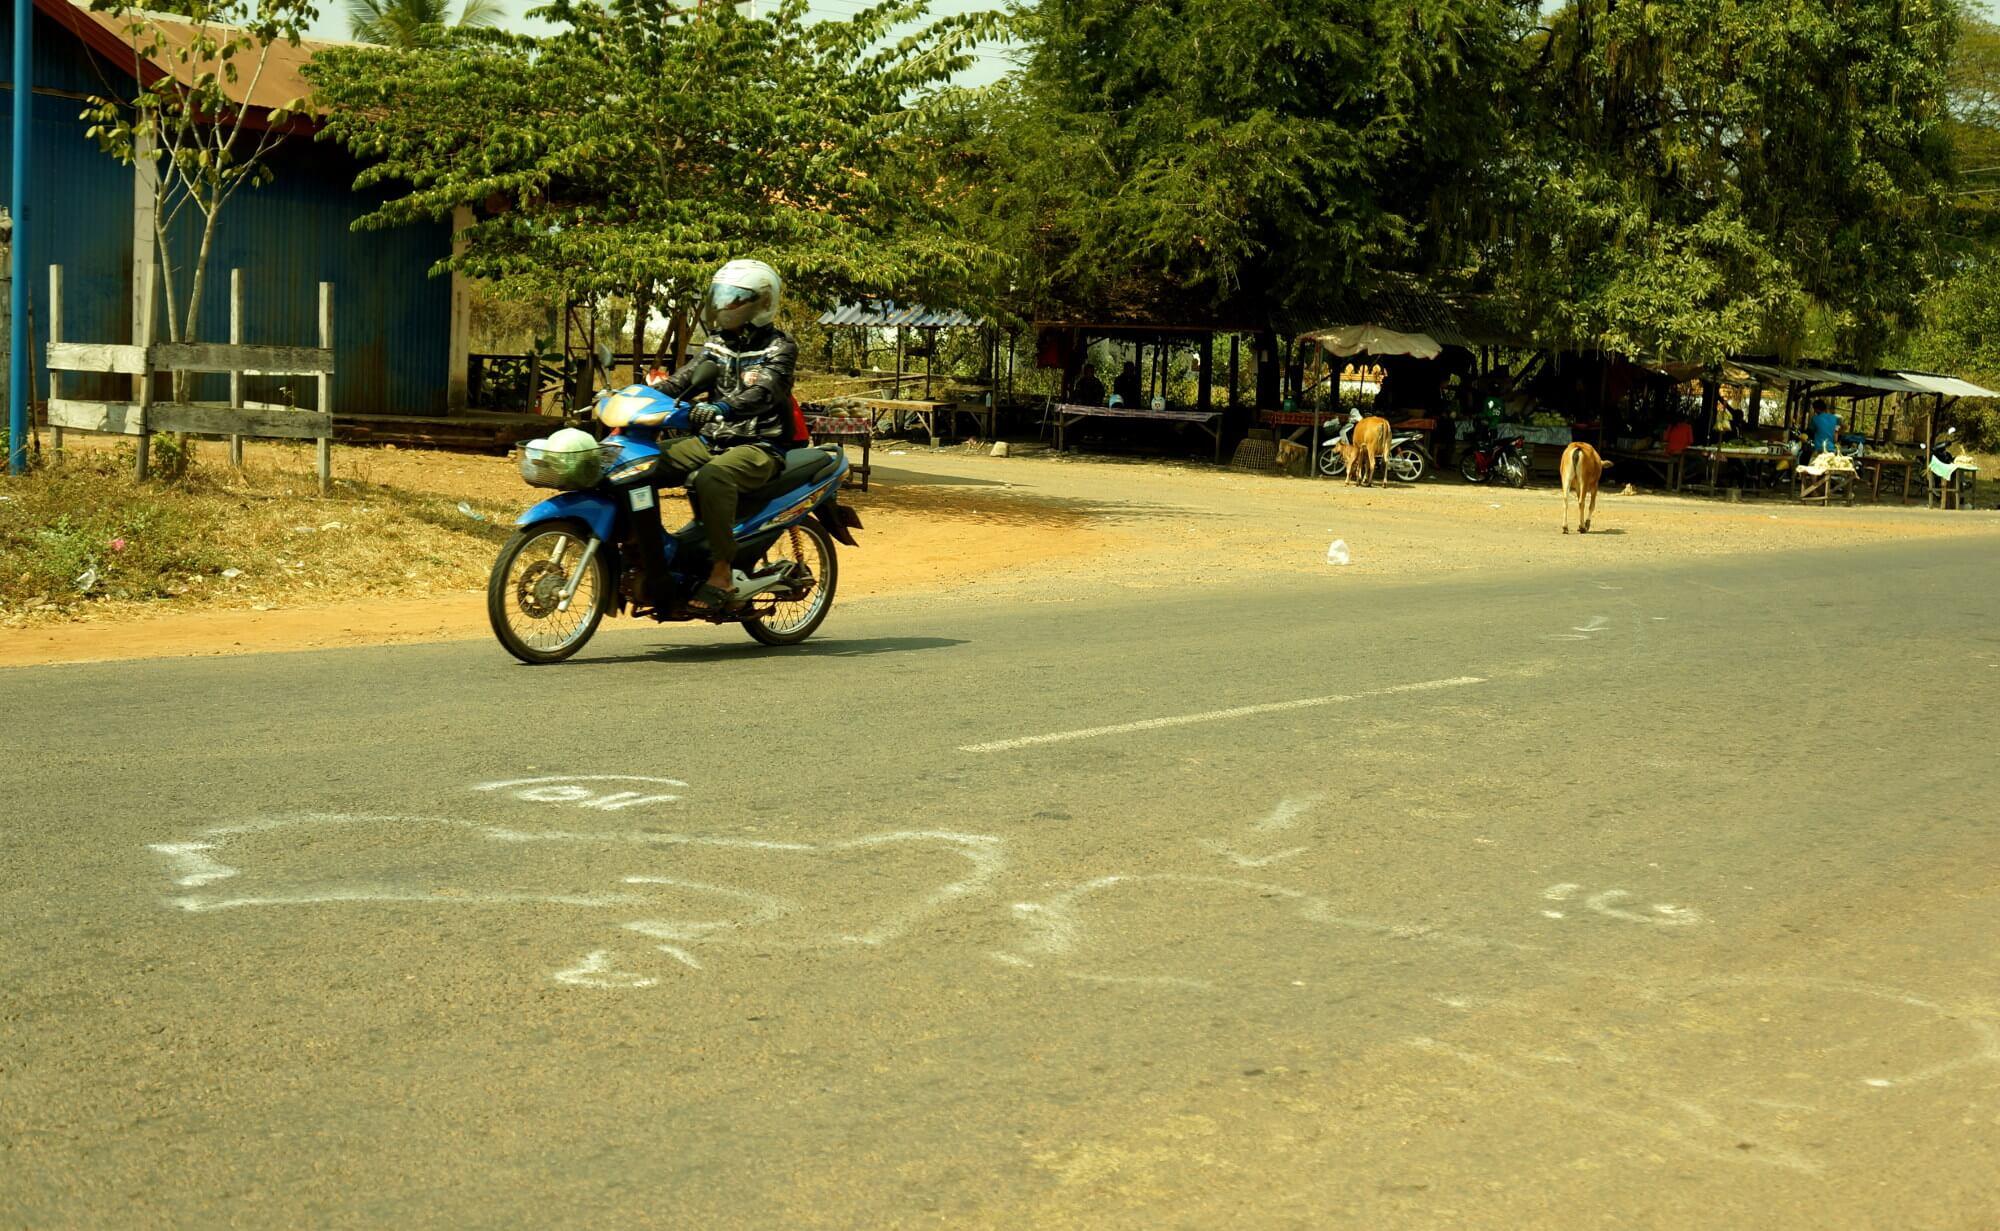 Niebezpieczne drogi - tutaj miało miejsce zderzenie dwóch skuterów